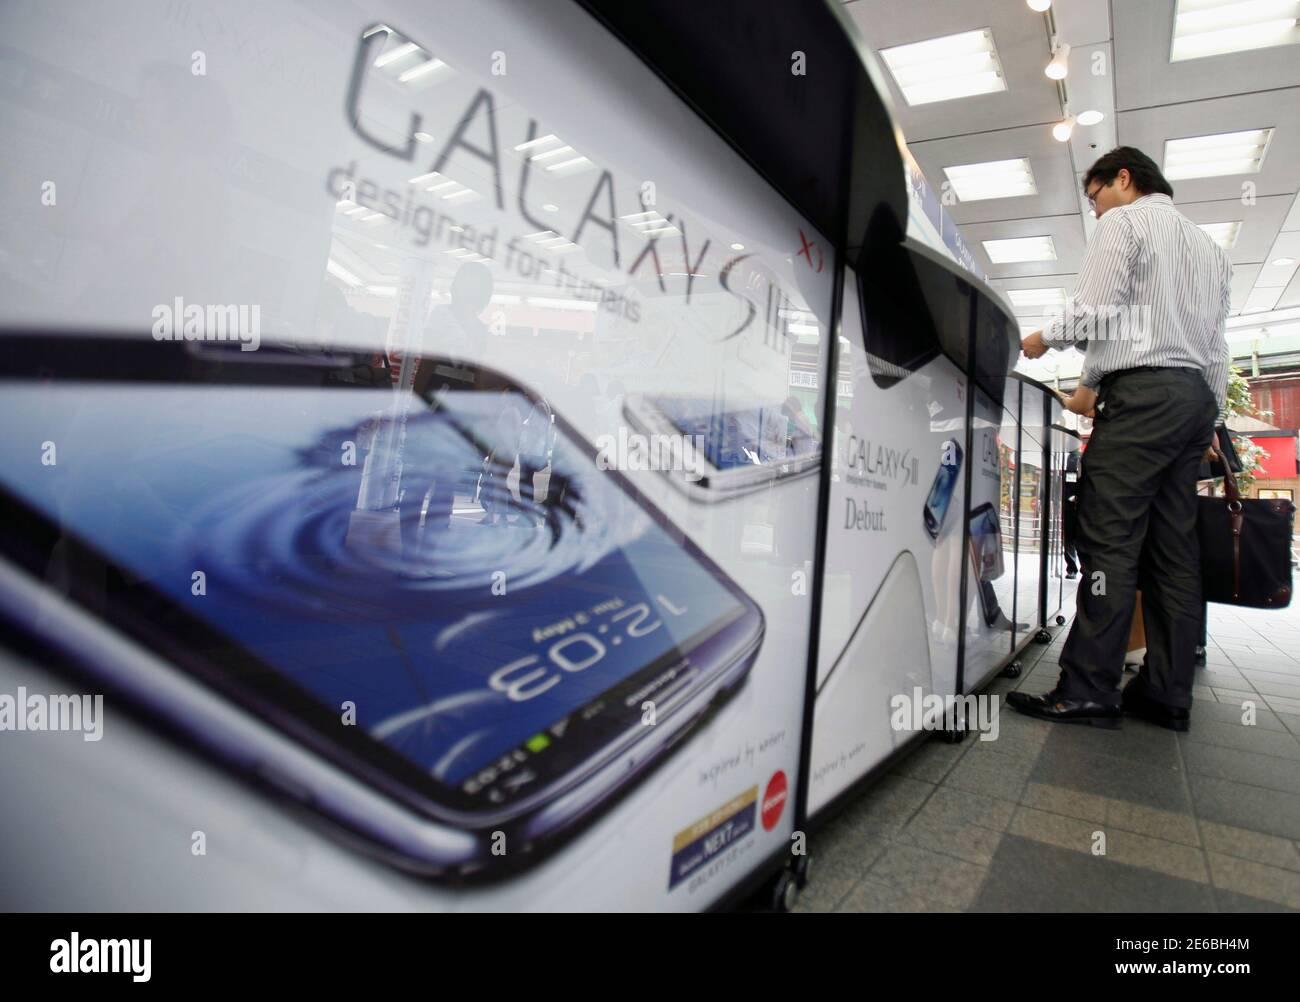 Un cliente prueba un smartphone Samsung Galaxy S III, lanzado por el mayor operador móvil de Japón NTT Docomo Inc, en una tienda de electrónica en Tokio el 28 de junio de 2012. El Galaxy S III ha recibido las críticas más positivas entre cualquiera de los smartphones Samsung, y el gigante de la tecnología dice que el teléfono está en camino de convertirse en su teléfono inteligente más rápido de venta, con las ventas probablemente a los 10 millones en los primeros dos meses desde su lanzamiento. REUTERS/Yuriko Nakao (JAPÓN - Tags: CIENCIA TECNOLOGÍA EMPRESA TELECOMUNICACIONES) Foto de stock